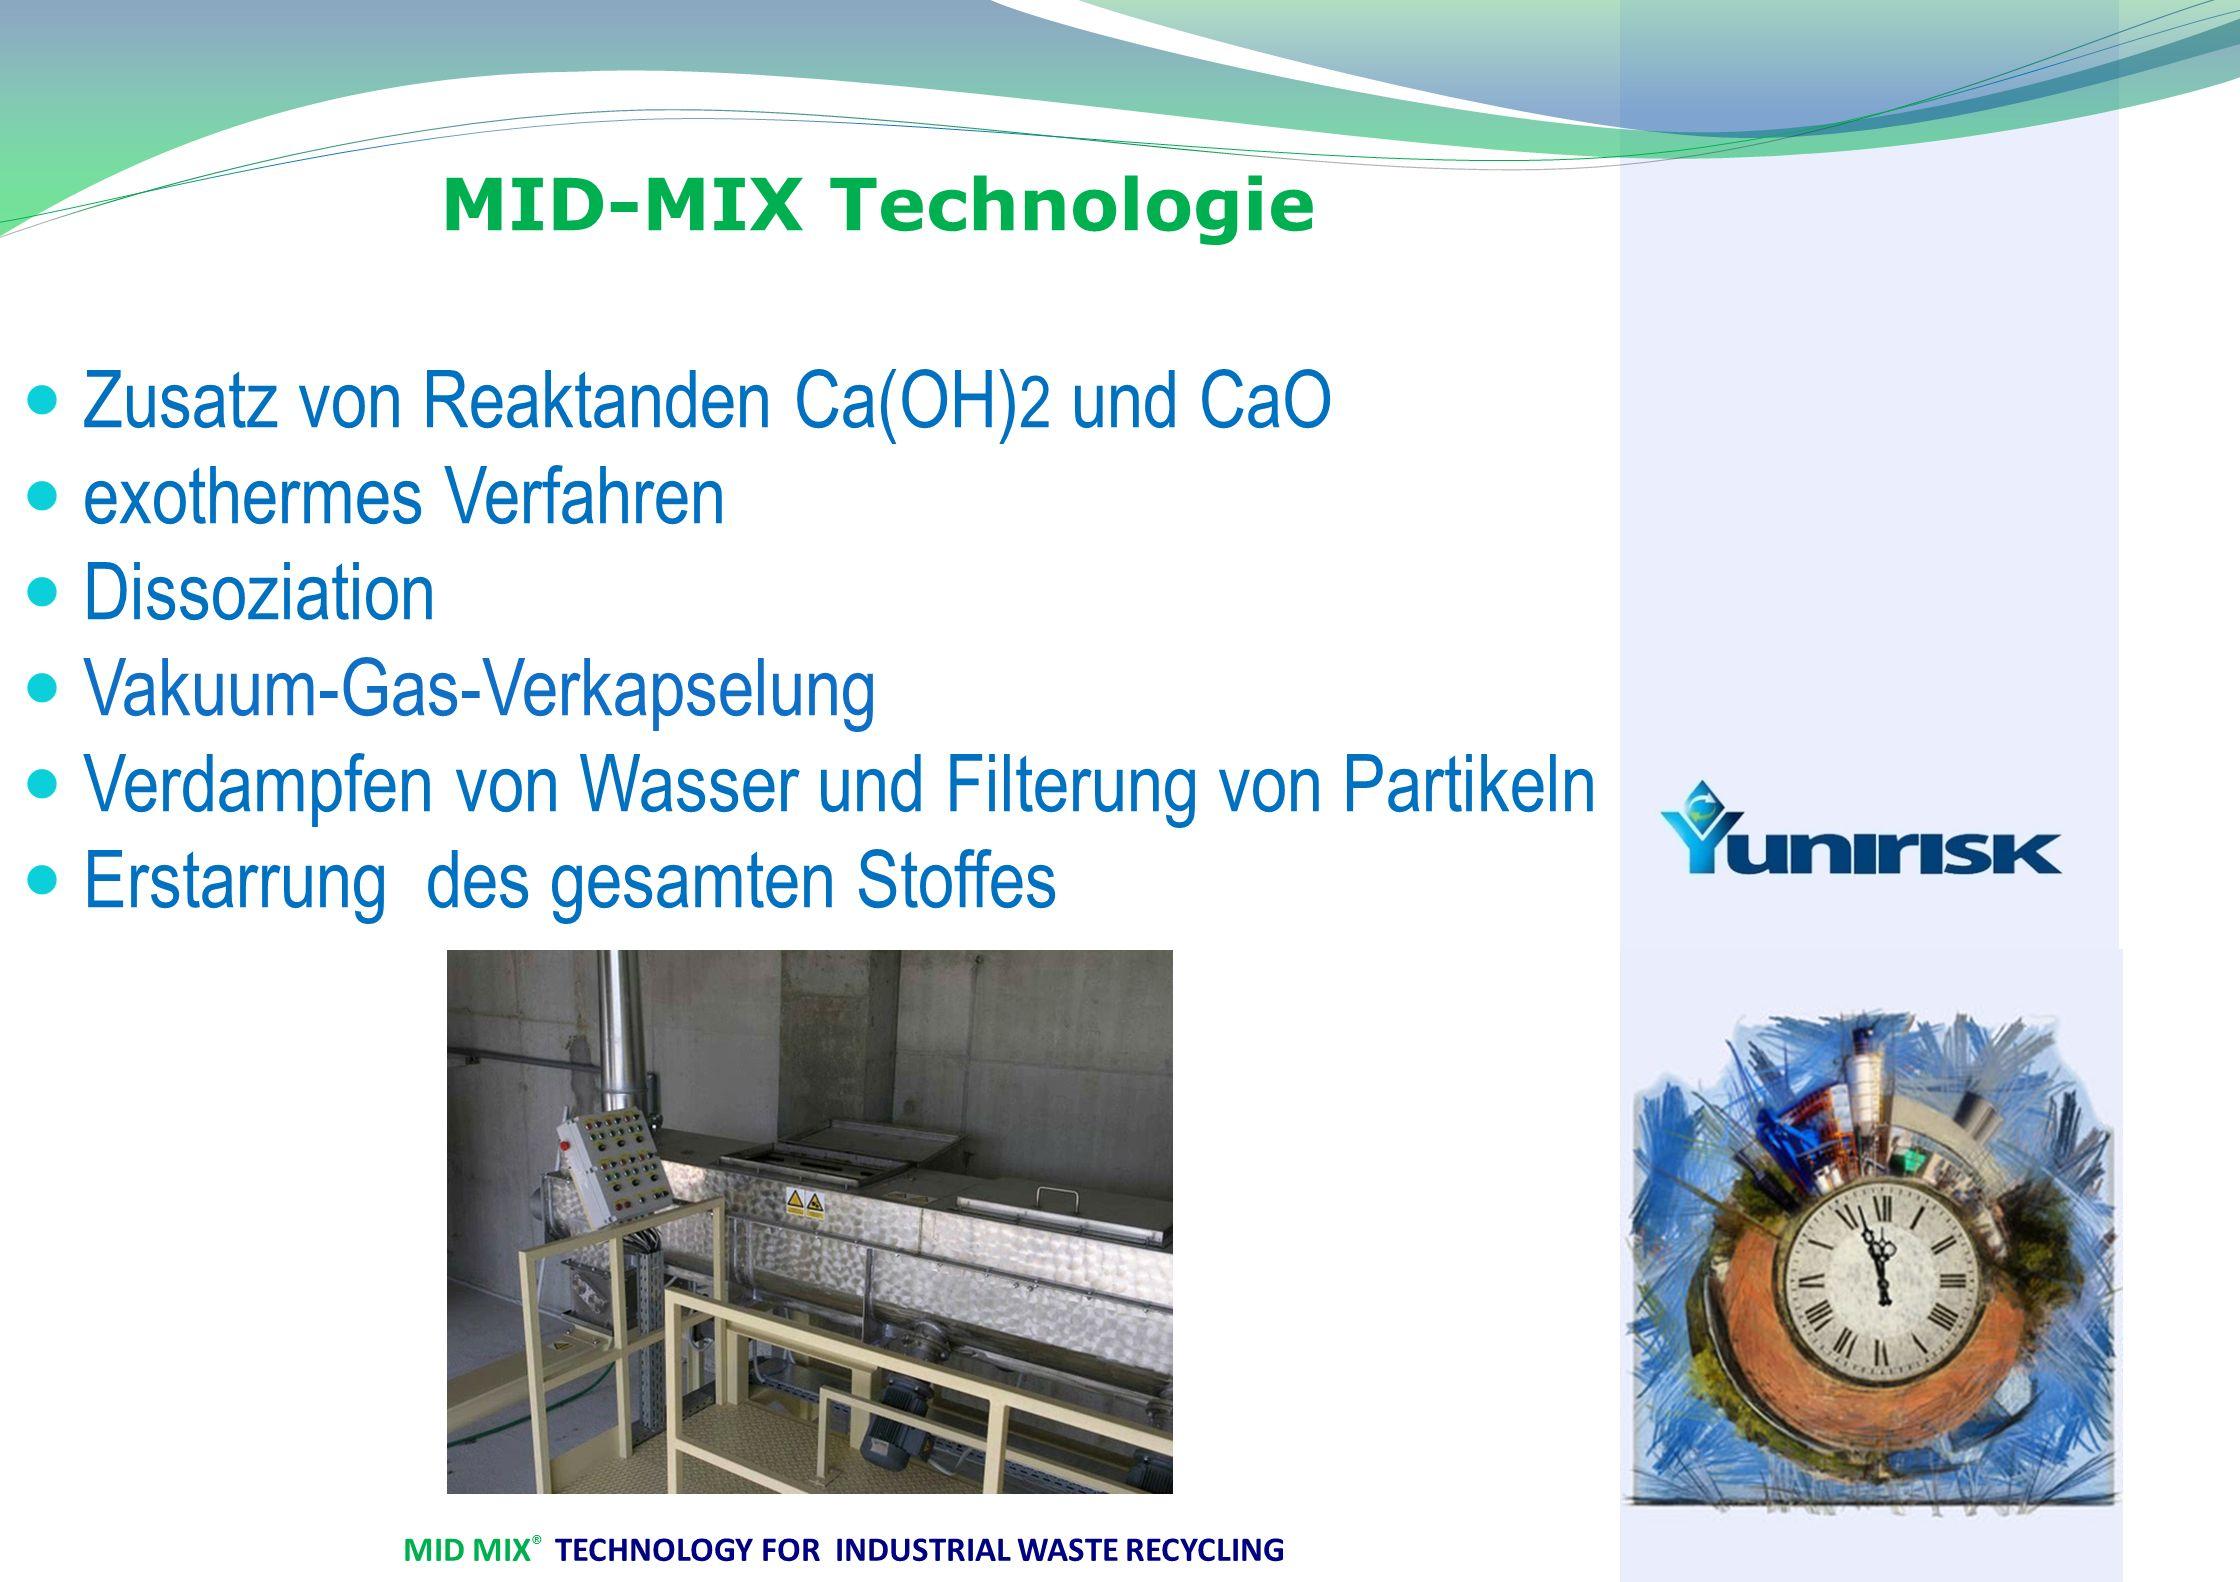 MID MIX ® TECHNOLOGY FOR INDUSTRIAL WASTE RECYCLING MID-MIX Technologie Zusatz von Reaktanden Ca(OH) 2 und CaO exothermes Verfahren Dissoziation Vakuum-Gas-Verkapselung Verdampfen von Wasser und Filterung von Partikeln Erstarrung des gesamten Stoffes